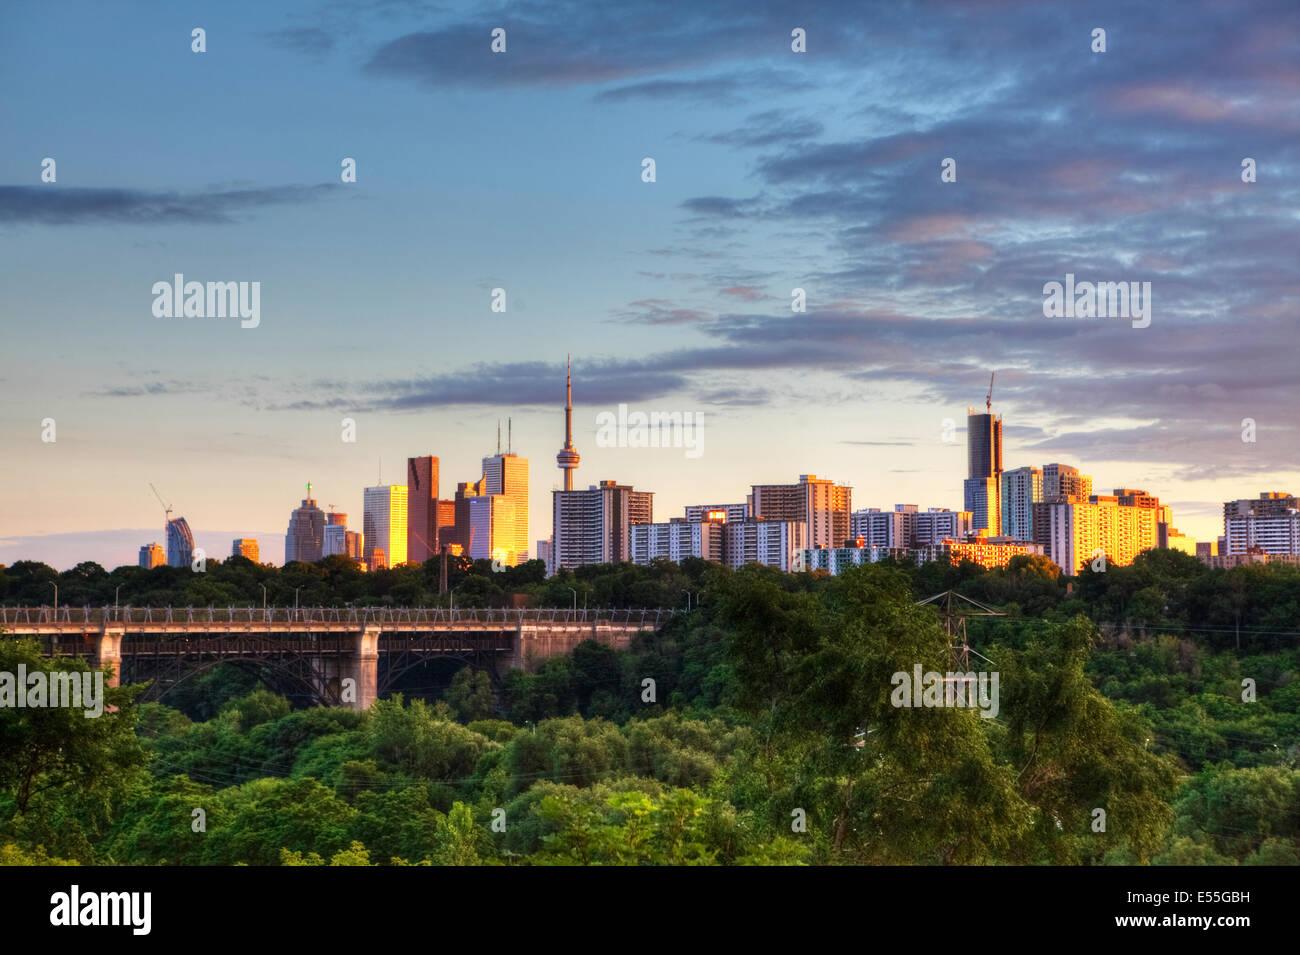 Toronto, Ontario, Canadá, el paisaje urbano al atardecer Imagen De Stock